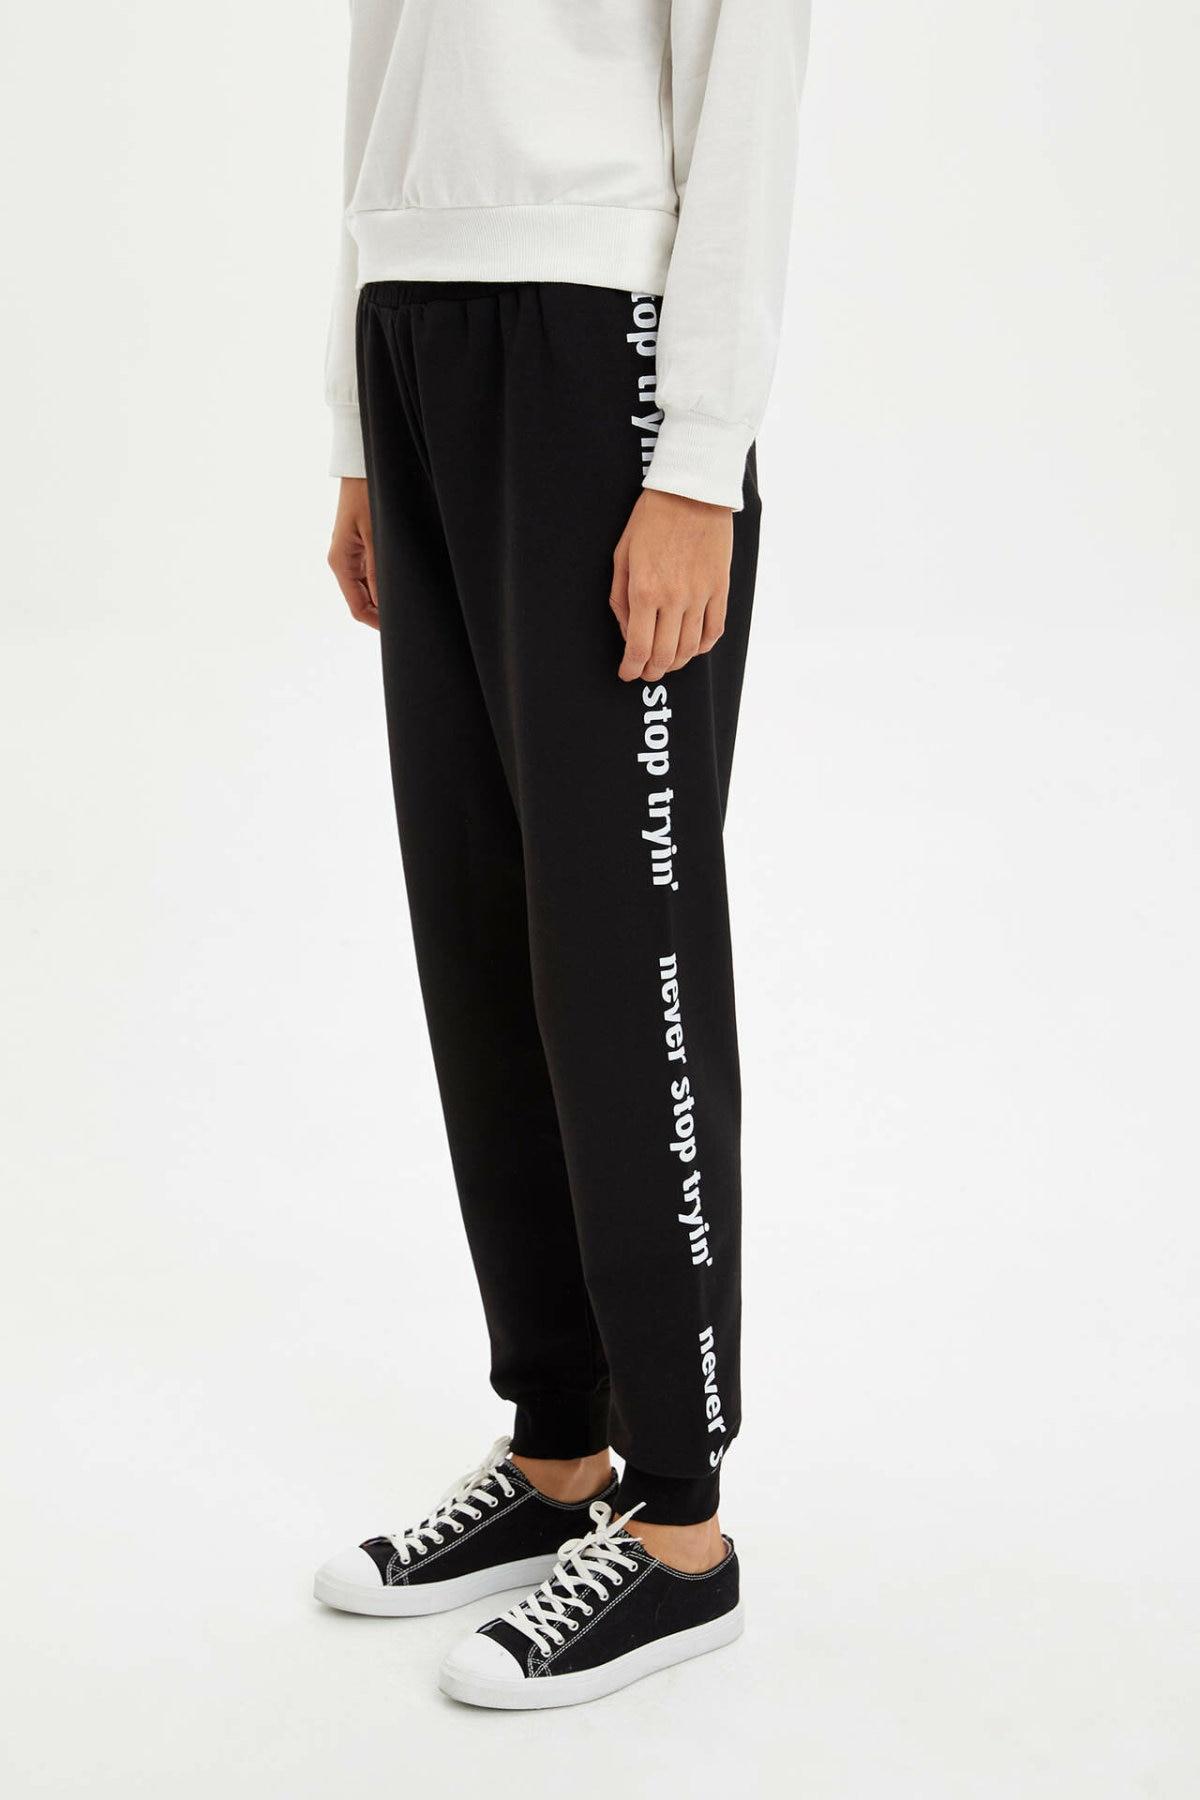 DeFacto Woman Autumn Black Long Pants Women Casual White Letter Prints Bottoms Female Lace-up Trousers-N0447AZ19AU